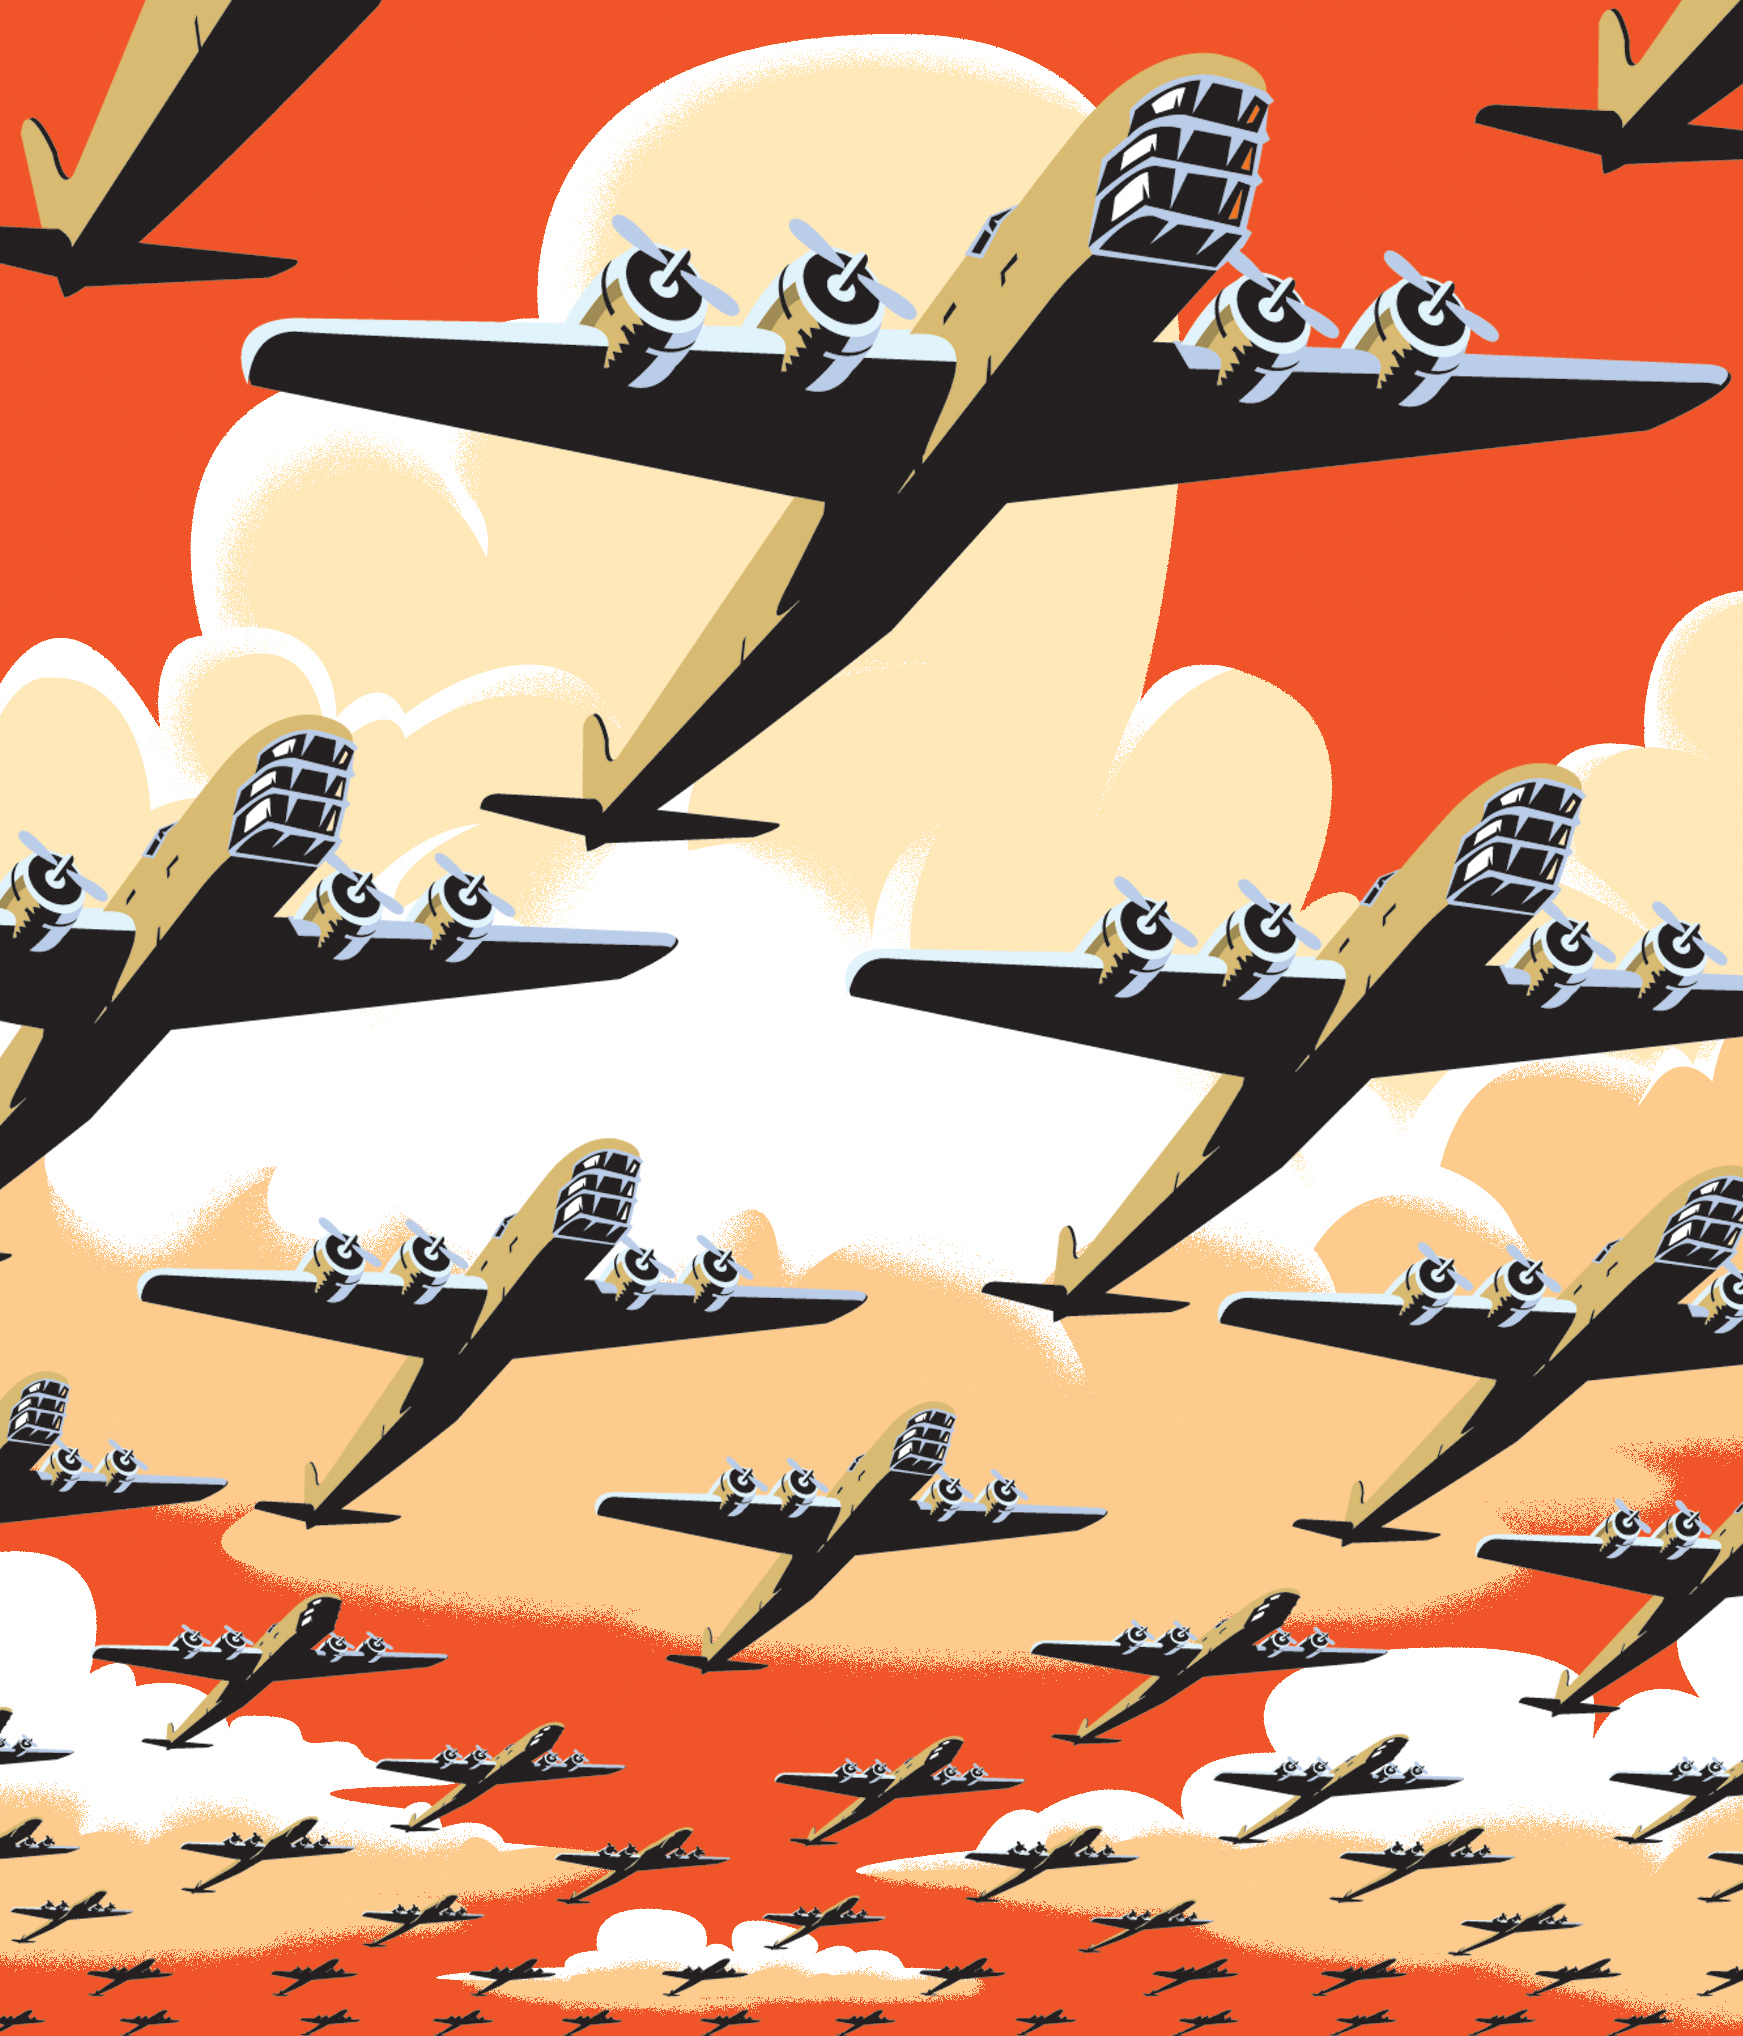 Bomber Illustration